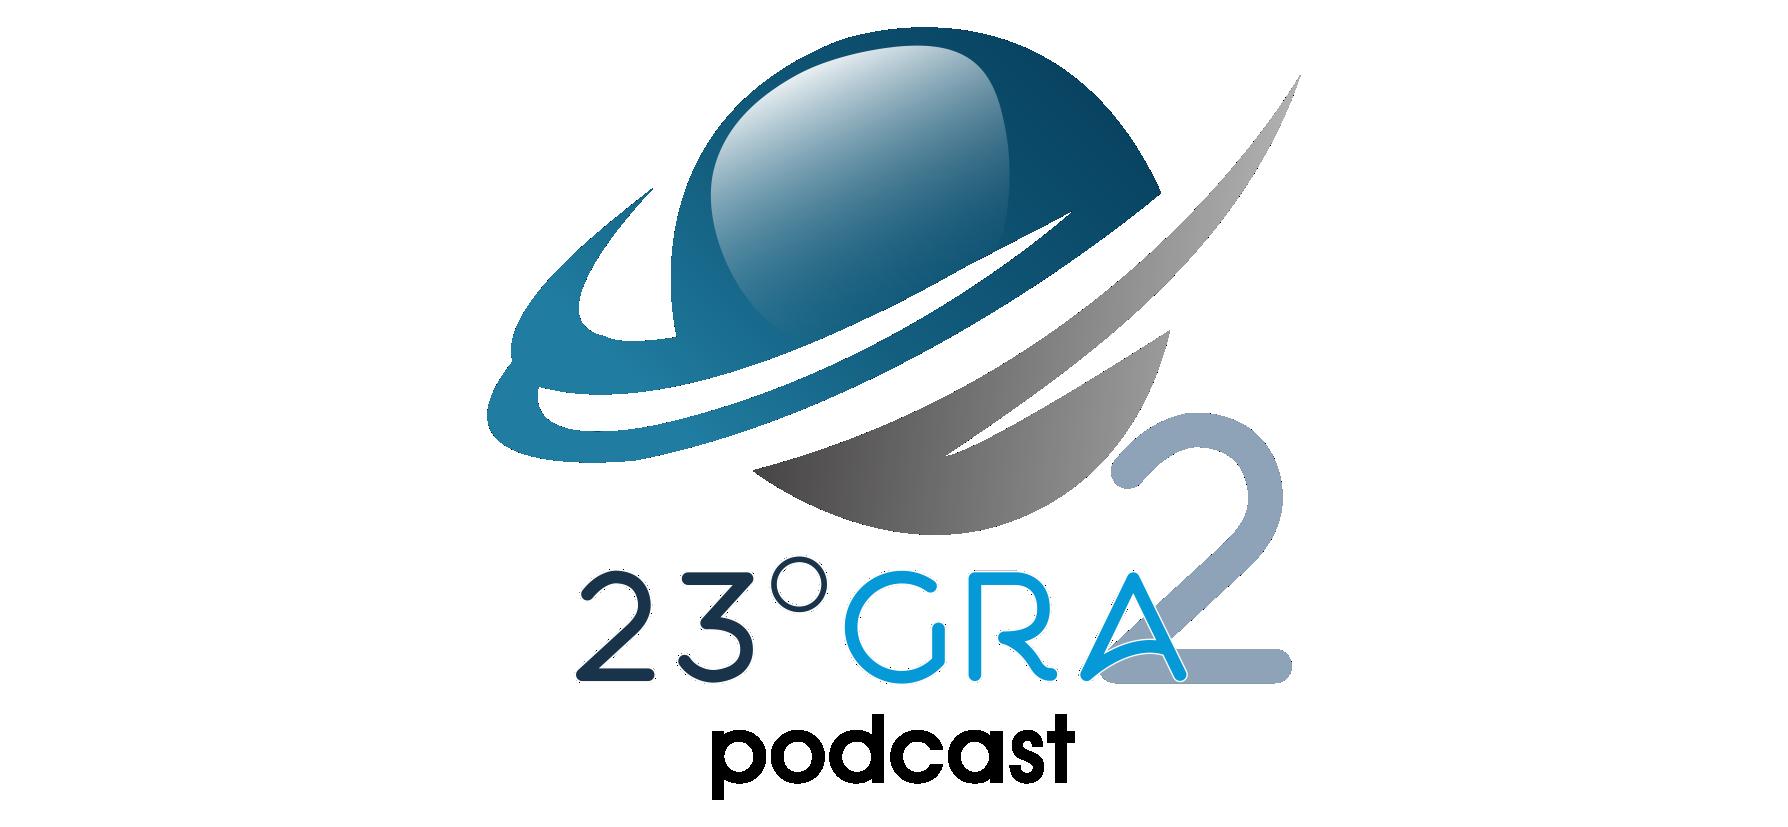 23º Grados Podcast